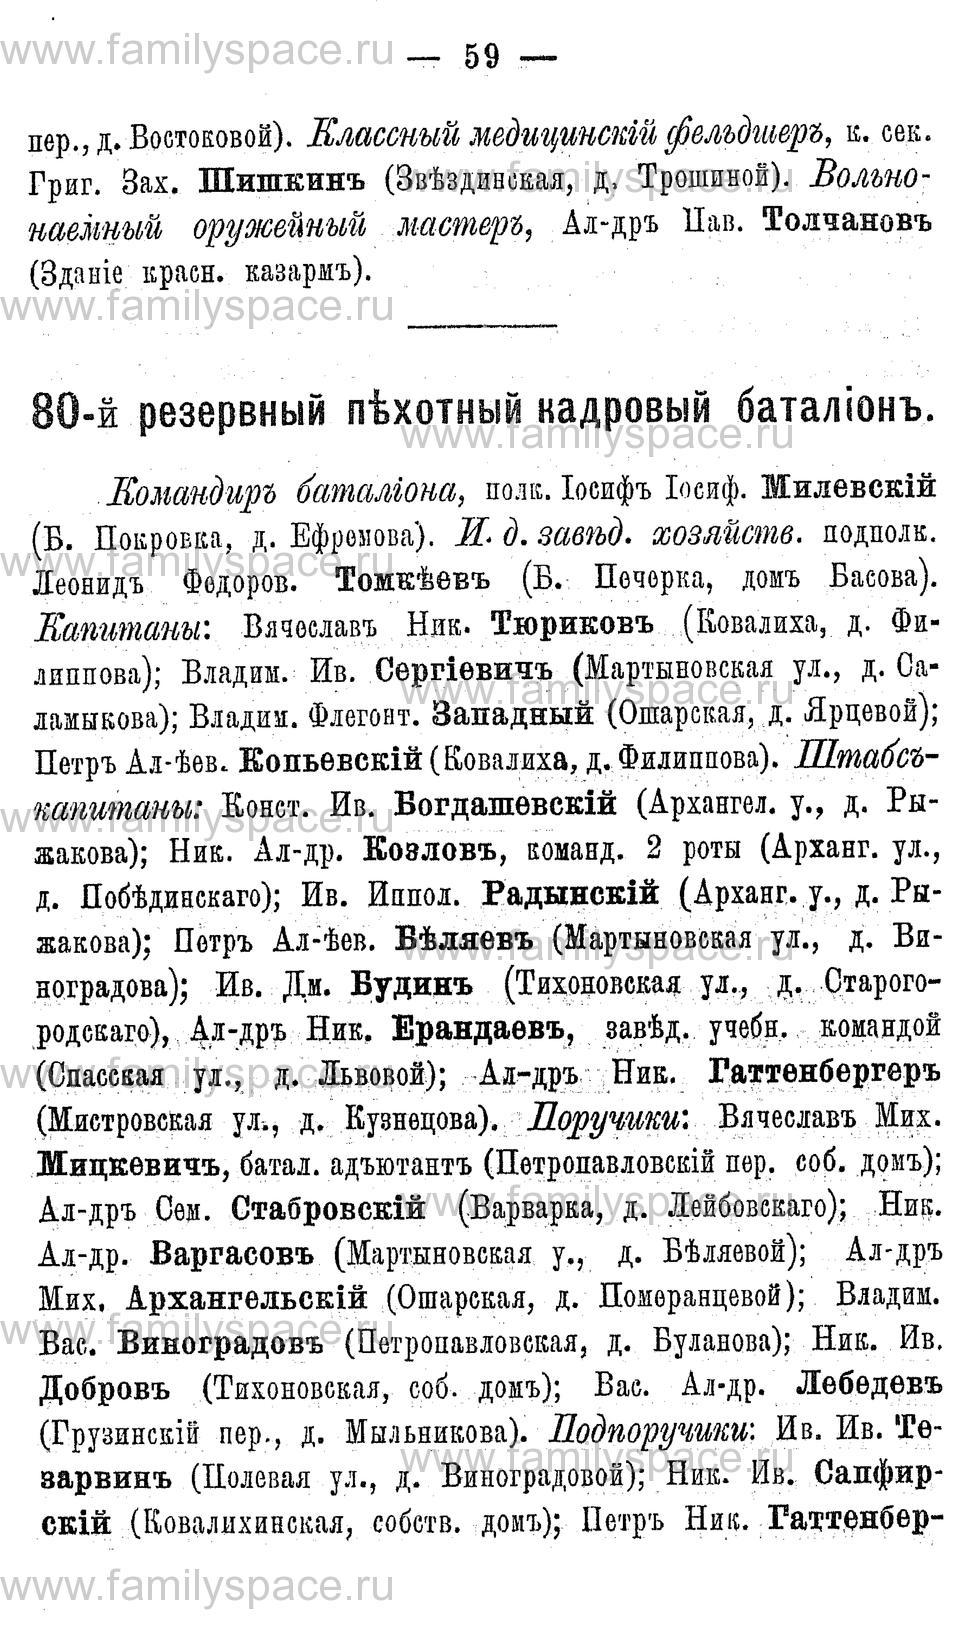 Поиск по фамилии - Адрес-календарь Нижегородской губернии на 1891 год, страница 59